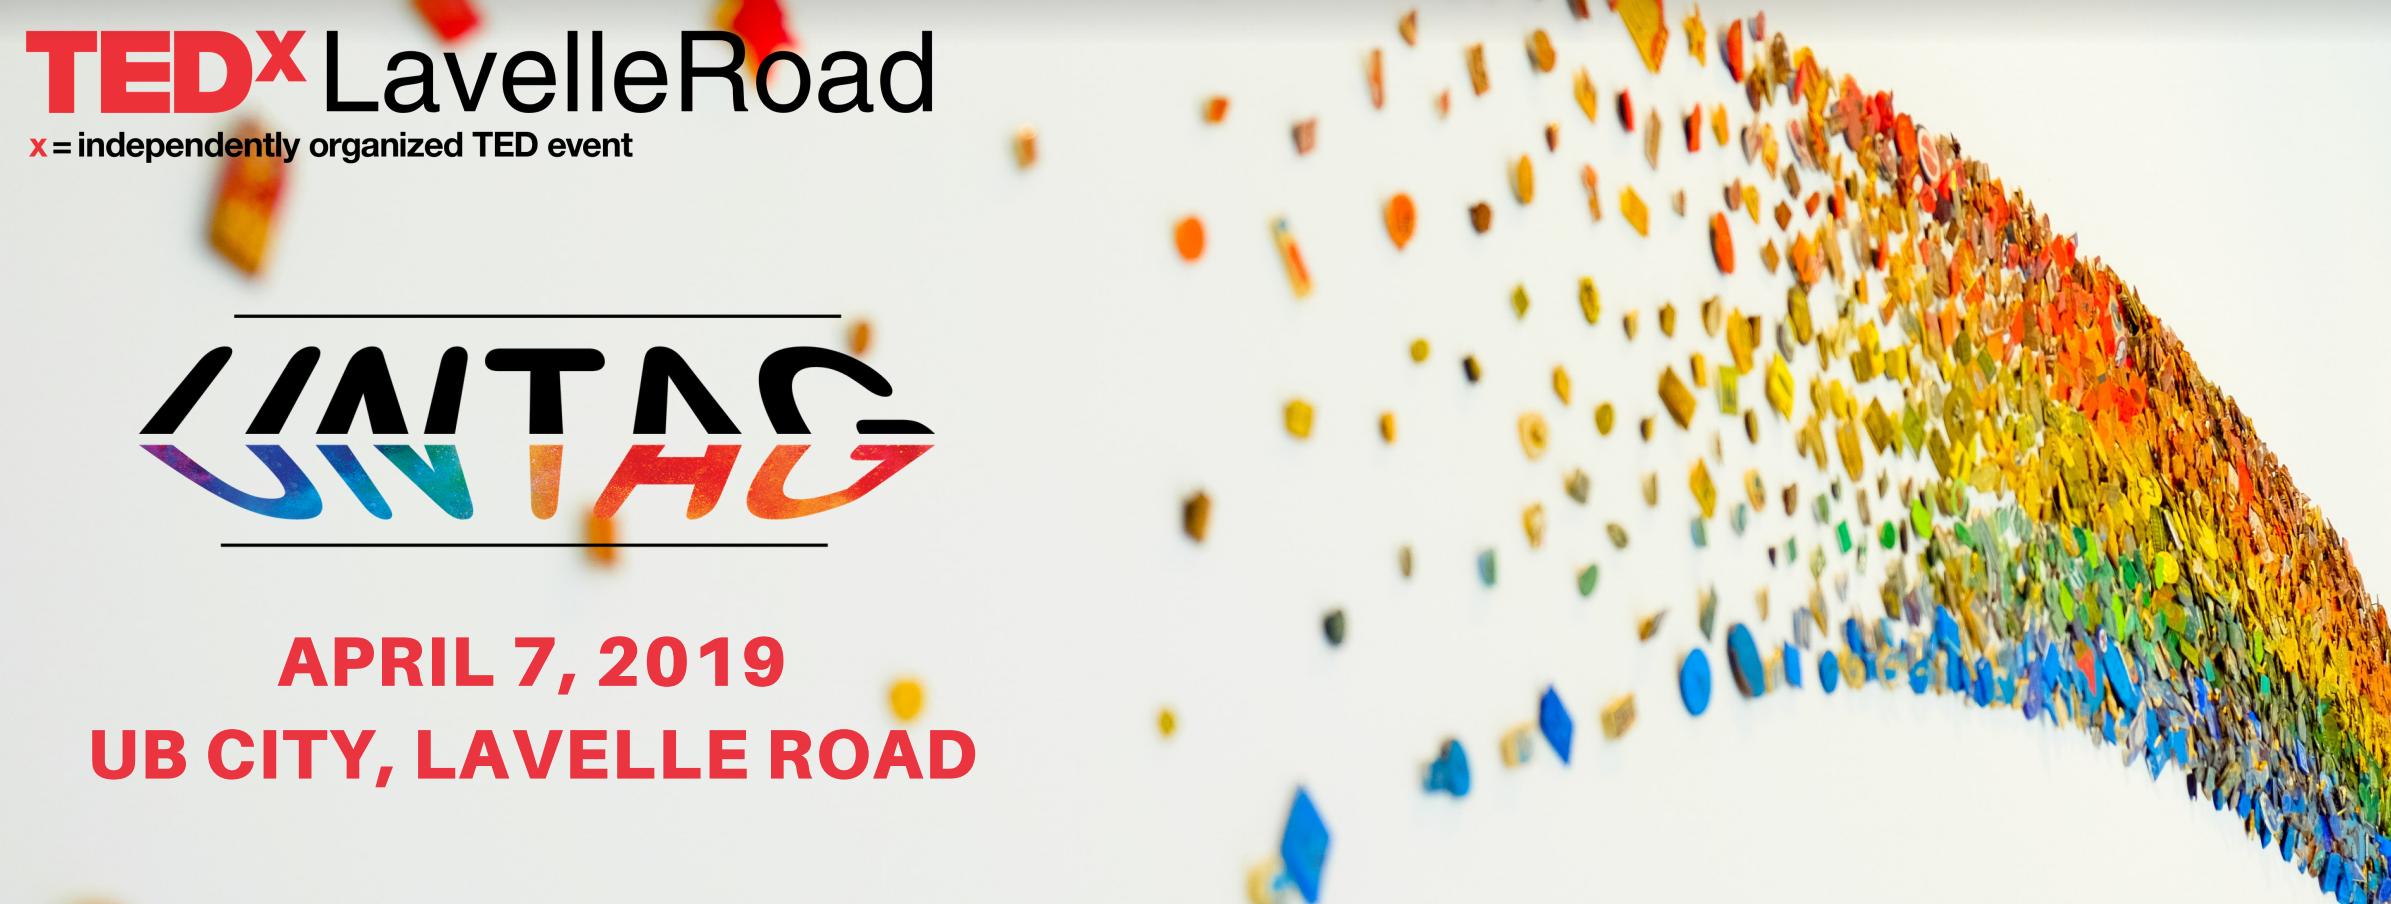 TEDxLavelleRoad 2019 – UNTAG